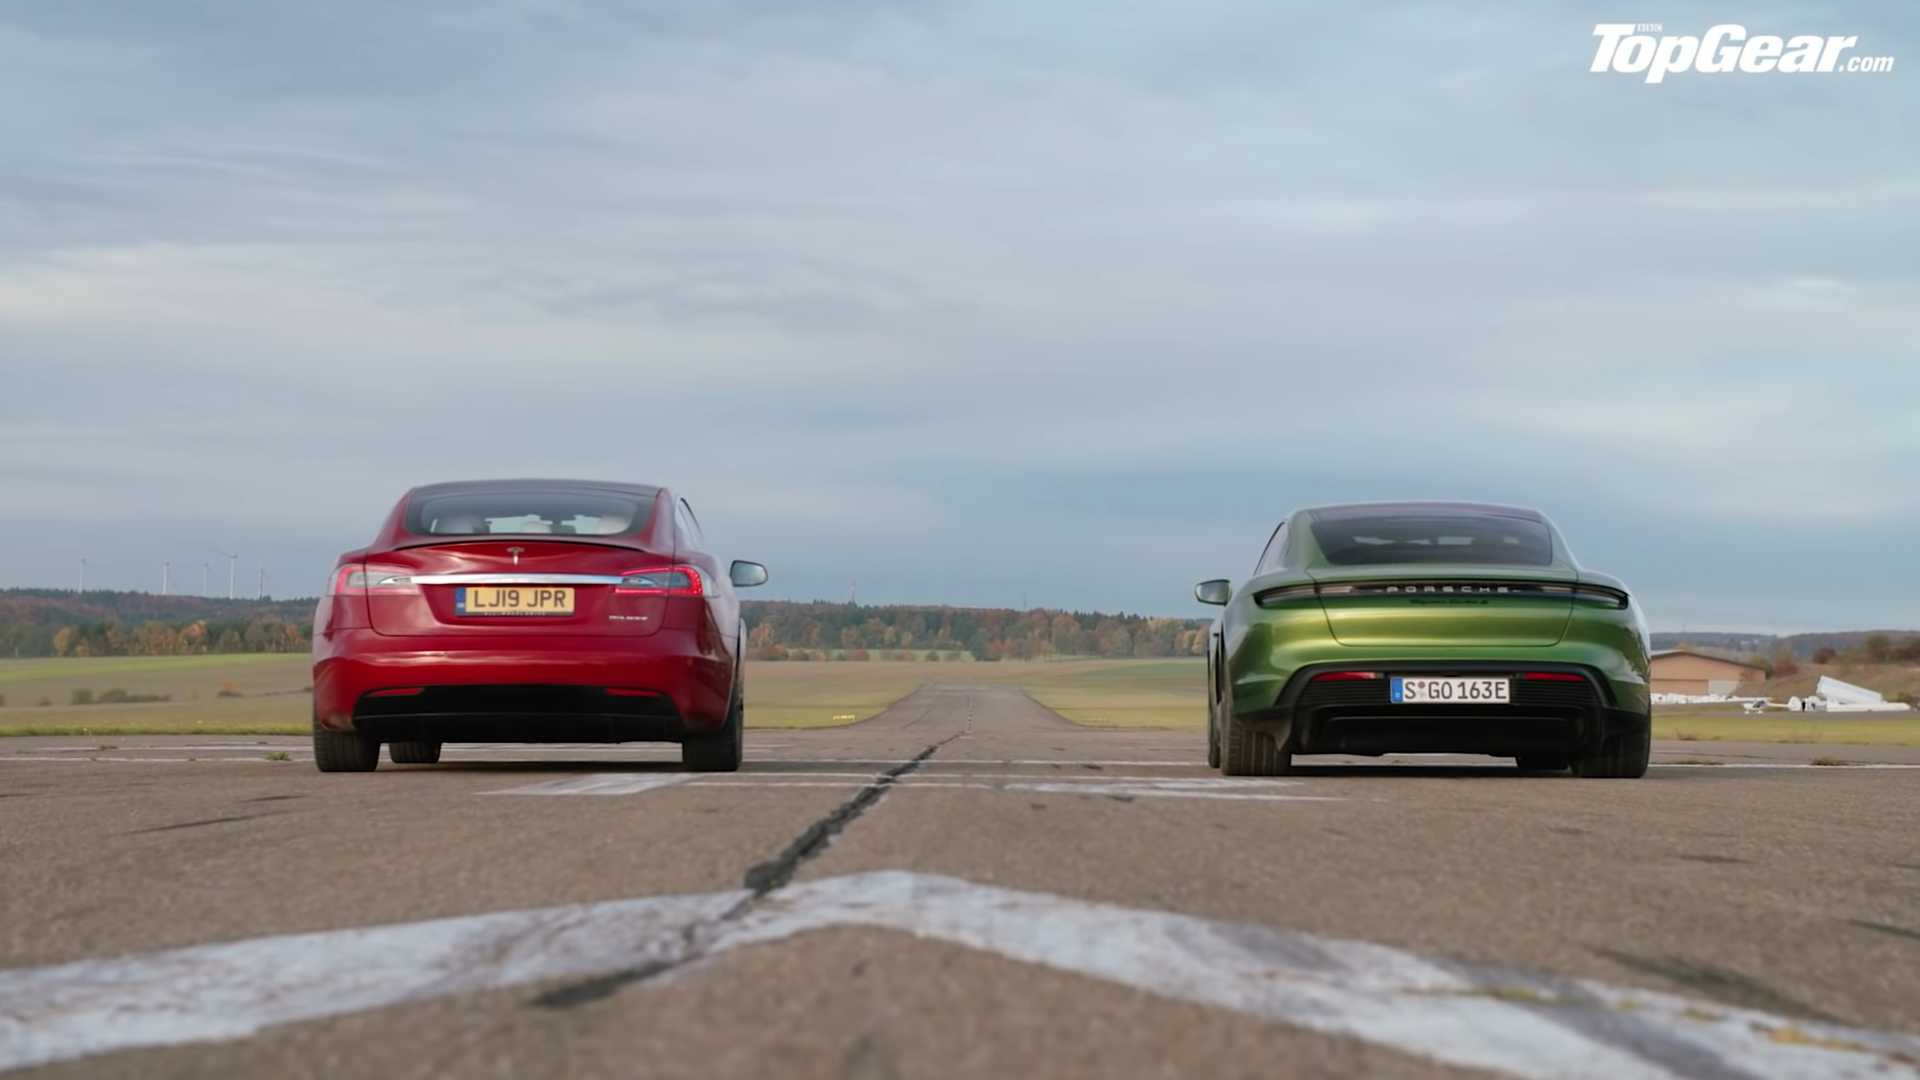 top-gear-porsche-taycan-turbo-s-versus-tesla-model-s-2